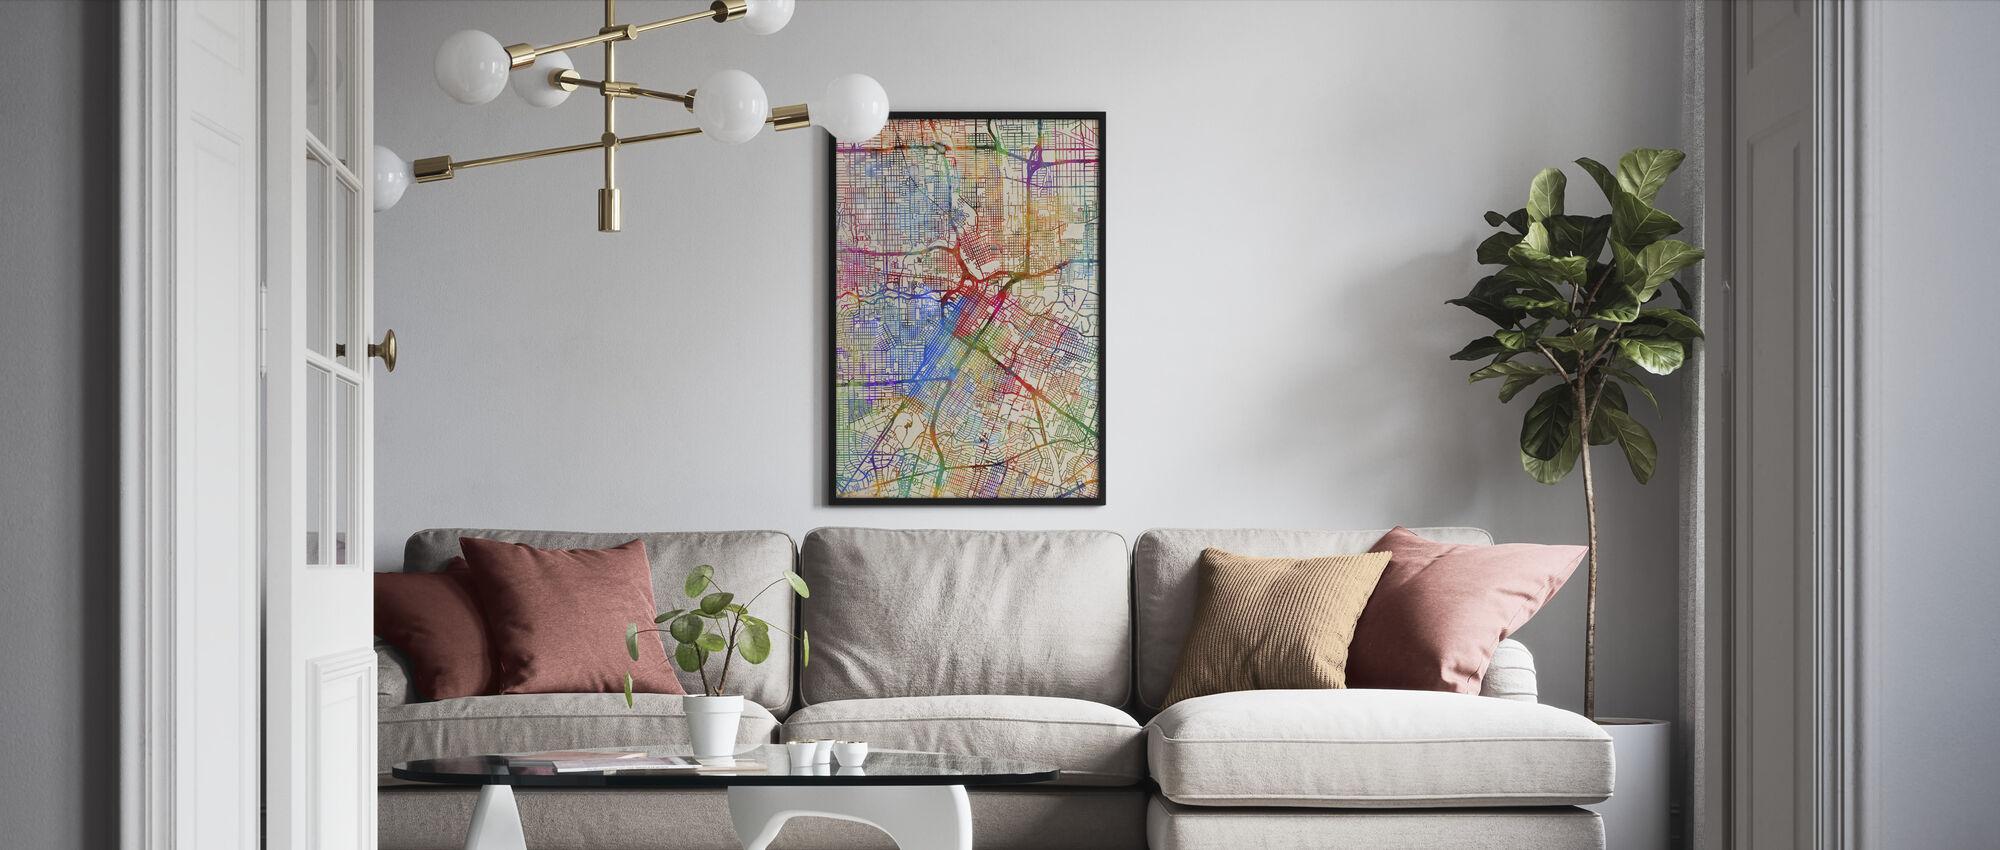 Houston Texas City Street Map - Framed print - Living Room